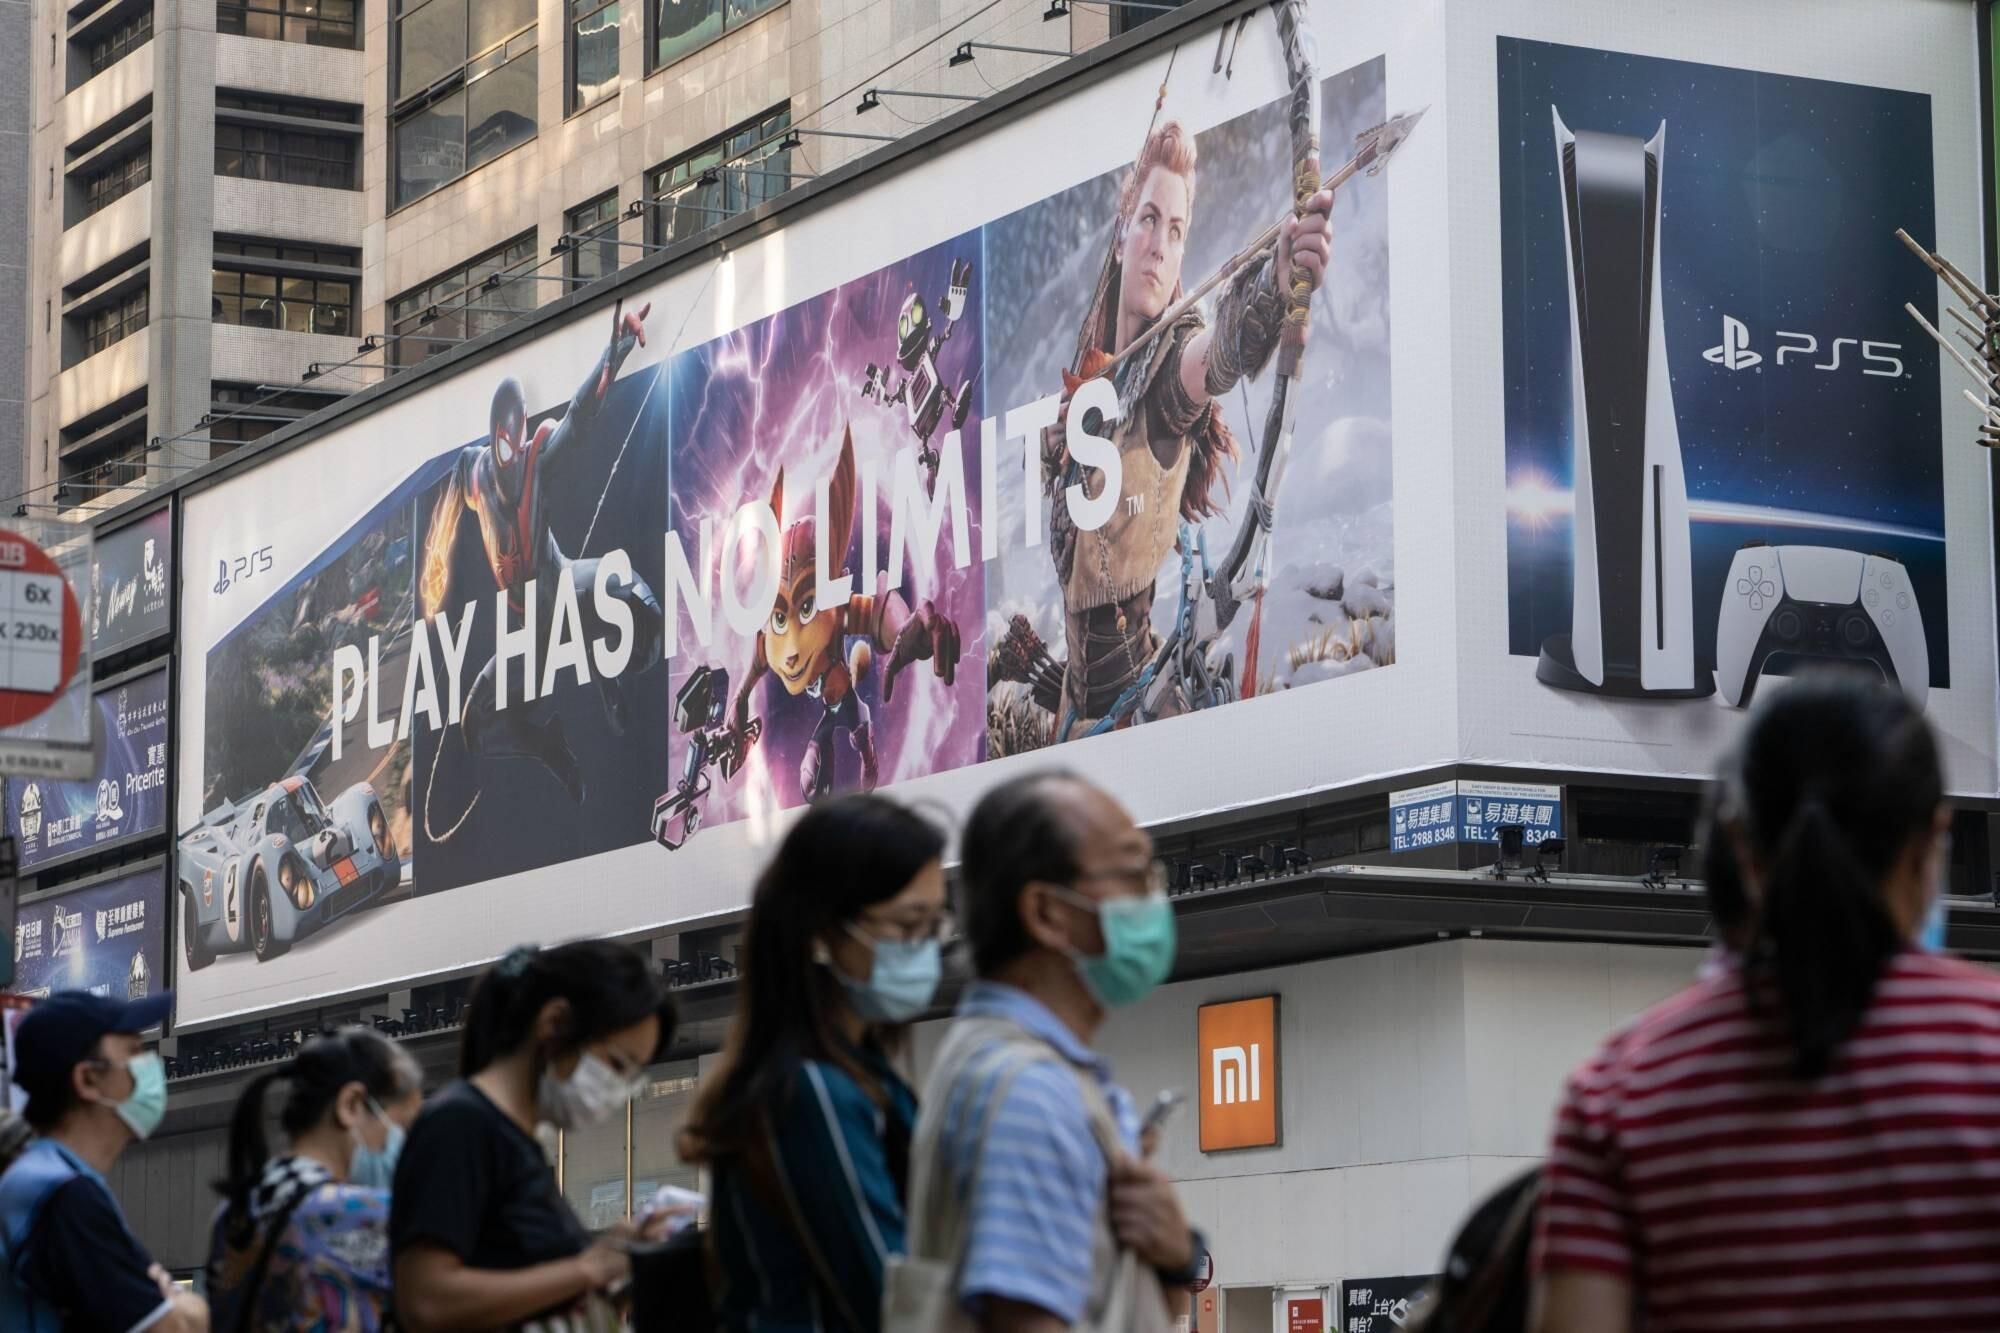 传说风闻:索尼正在日本建立全新任务室 开辟比肩《生化危急》的3A游戏